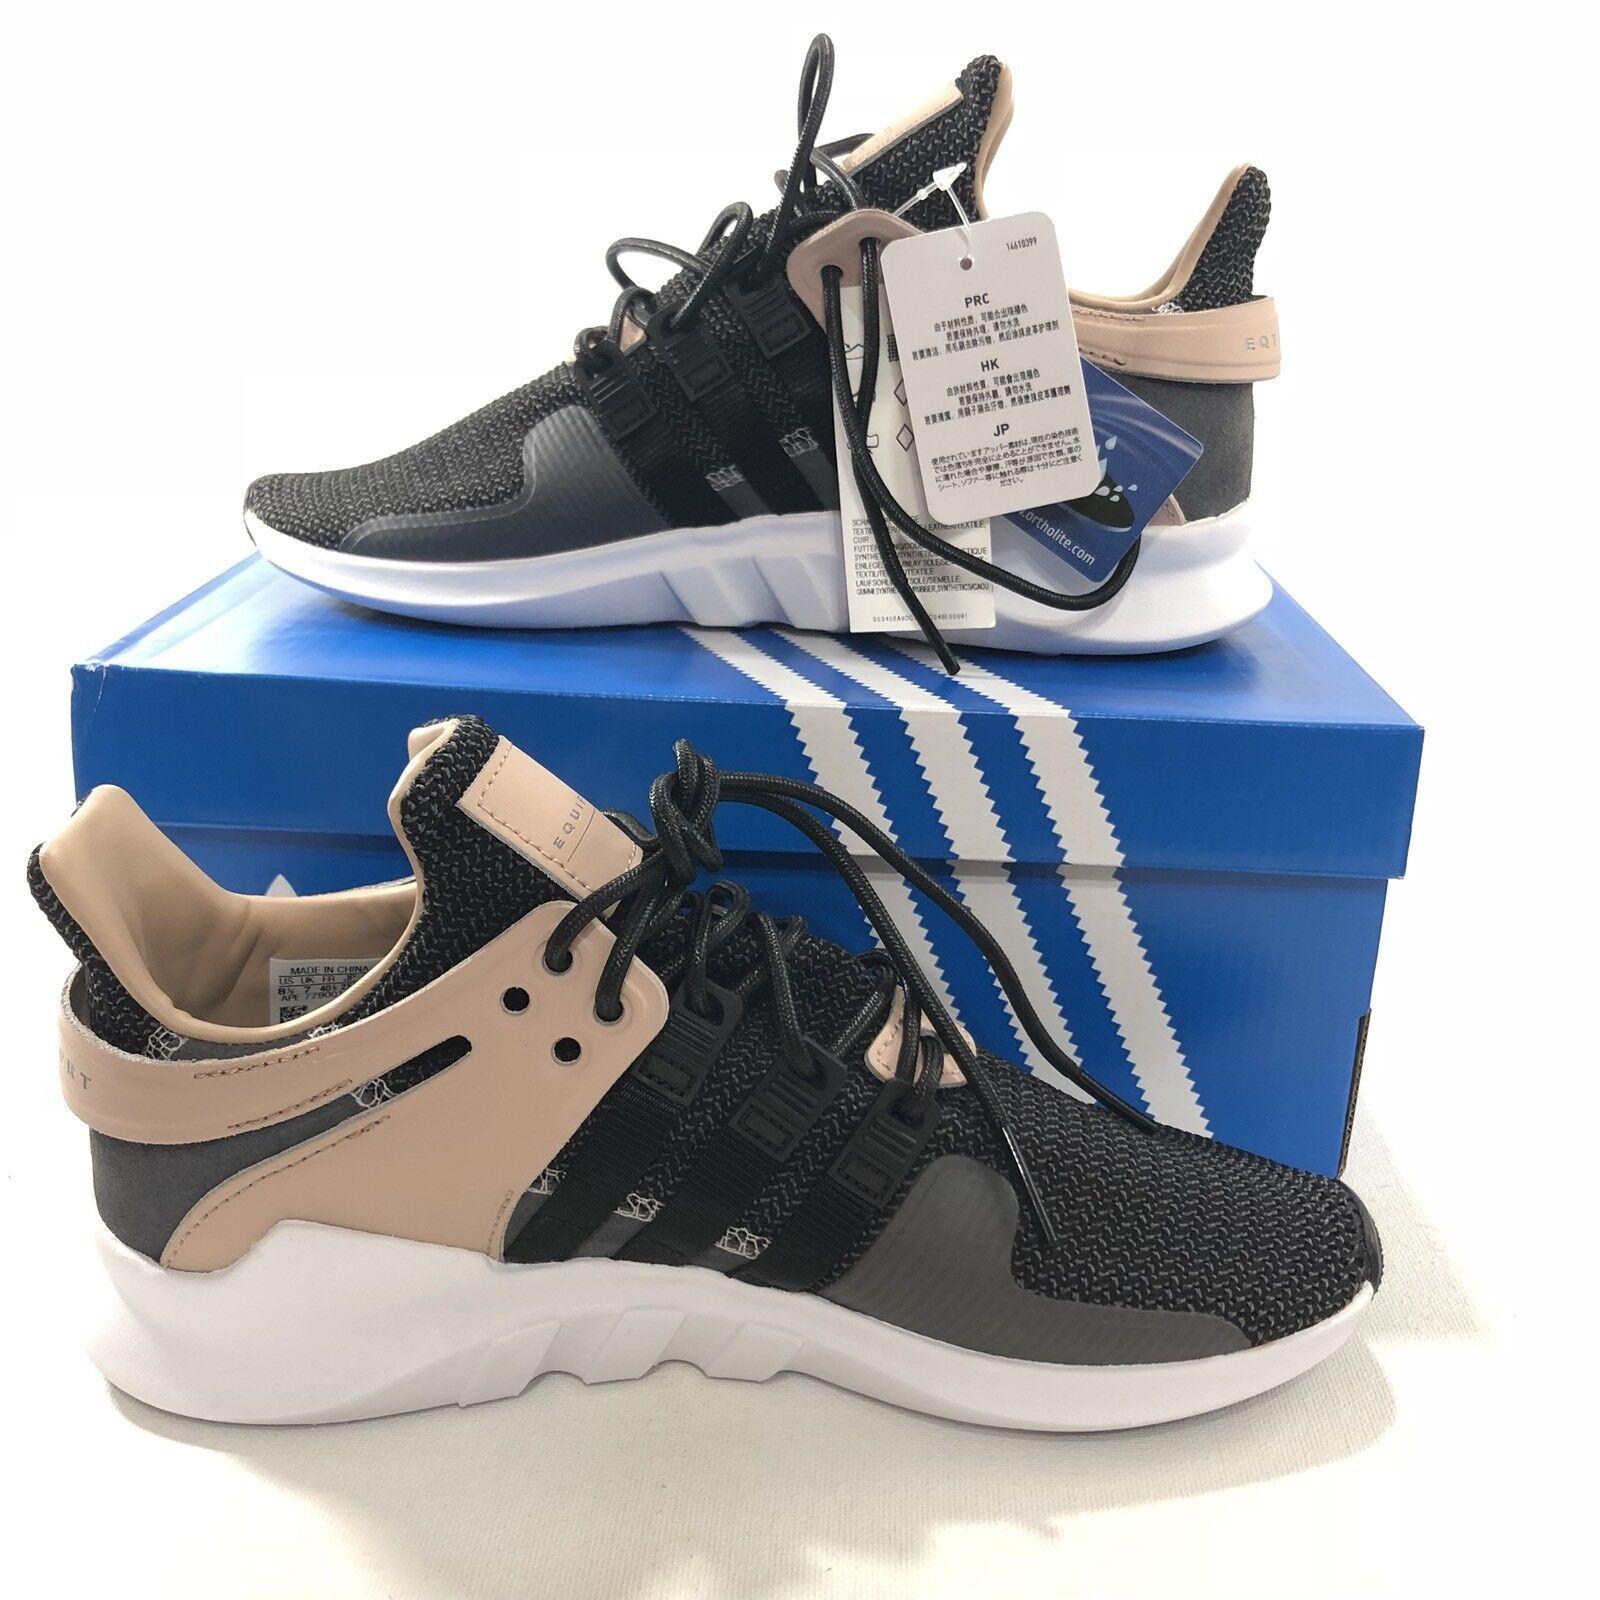 adidas womens eqt schwarze unterstützung adv laufschuhe turnschuhe cq2249 schwarze eqt größe 8 10584b